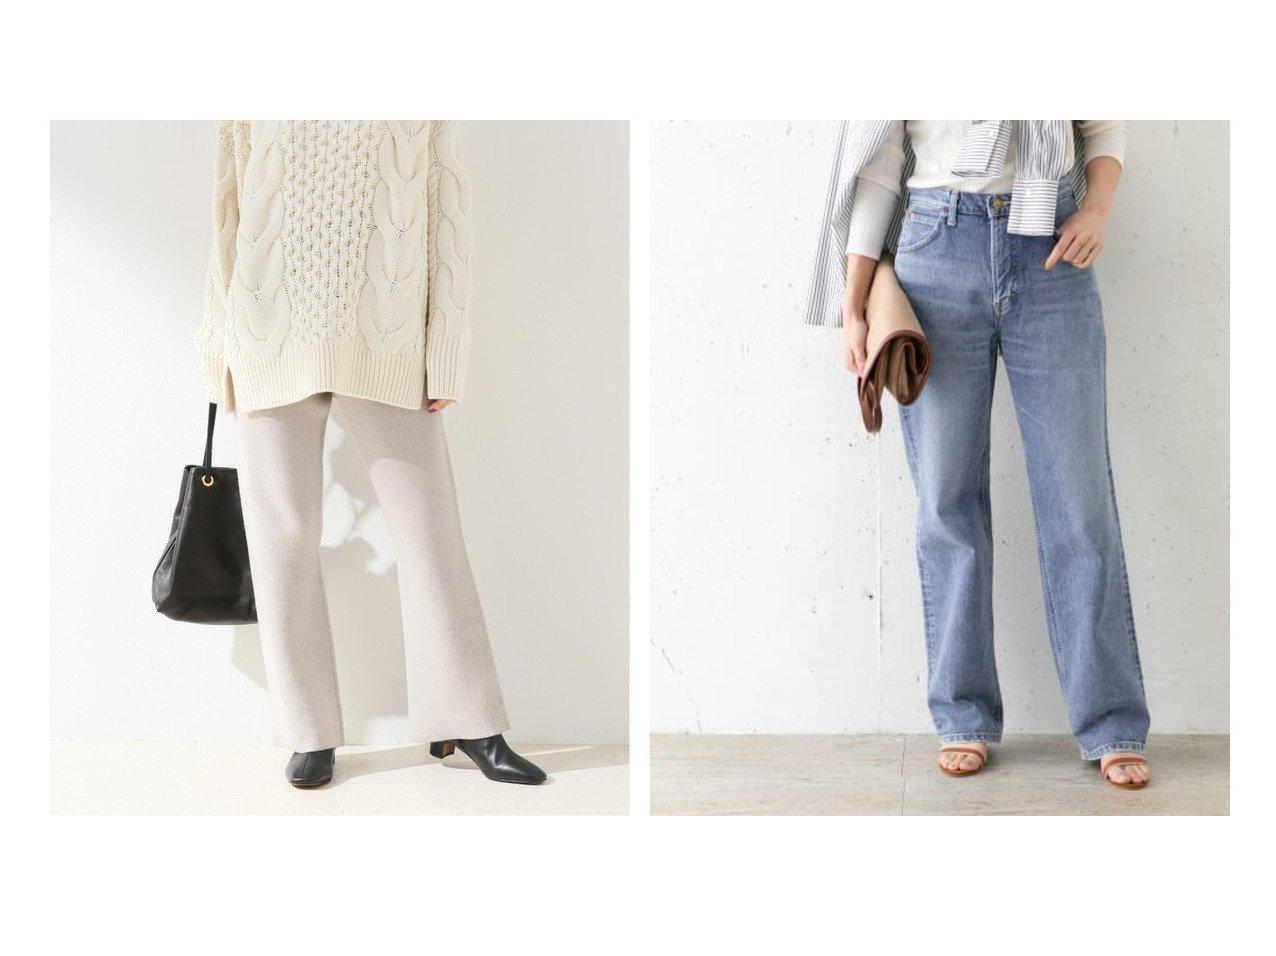 【URBAN RESEARCH ROSSO/アーバンリサーチ ロッソ】のLee STANDARD WARDROBE REGULAR&【FRAMeWORK/フレームワーク】の接結ニットパンツ パンツのおすすめ!人気、トレンド・レディースファッションの通販 おすすめで人気の流行・トレンド、ファッションの通販商品 メンズファッション・キッズファッション・インテリア・家具・レディースファッション・服の通販 founy(ファニー) https://founy.com/ ファッション Fashion レディースファッション WOMEN パンツ Pants デニムパンツ Denim Pants 2020年 2020 2020 秋冬 A/W AW Autumn/Winter / FW Fall-Winter 2020 A/W 秋冬 AW Autumn/Winter / FW Fall-Winter ストレート デニム ベーシック リラックス レギュラー ワイド  ID:crp329100000009427